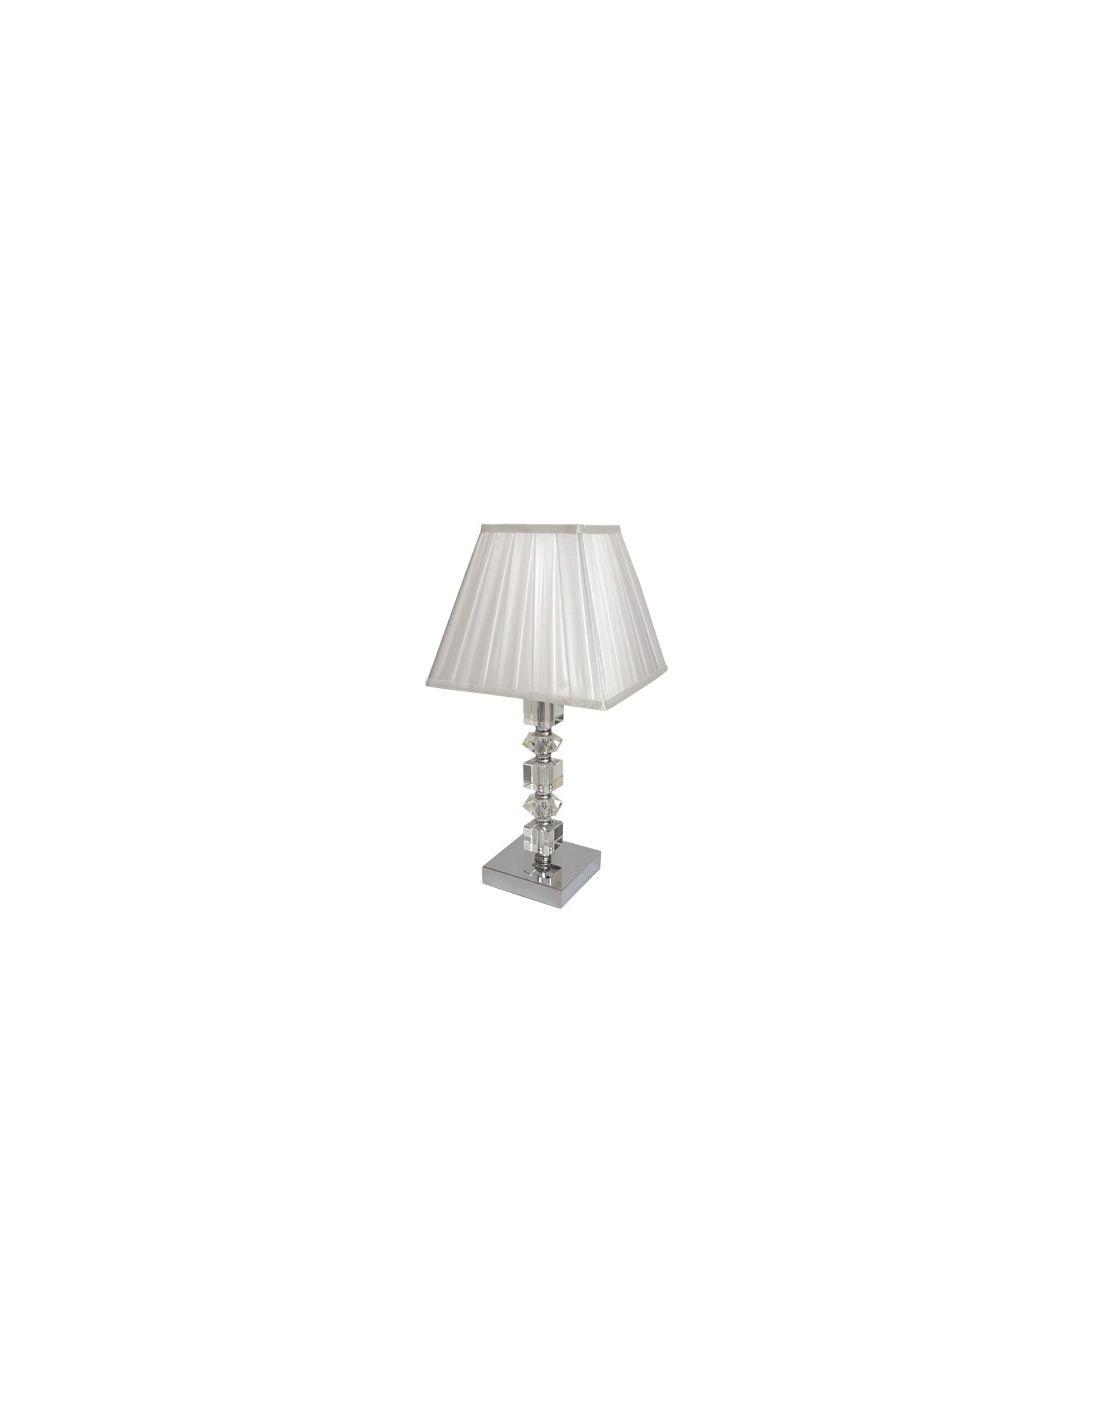 lamparas de mesa lamparas rinconeras lamparas de mesa de